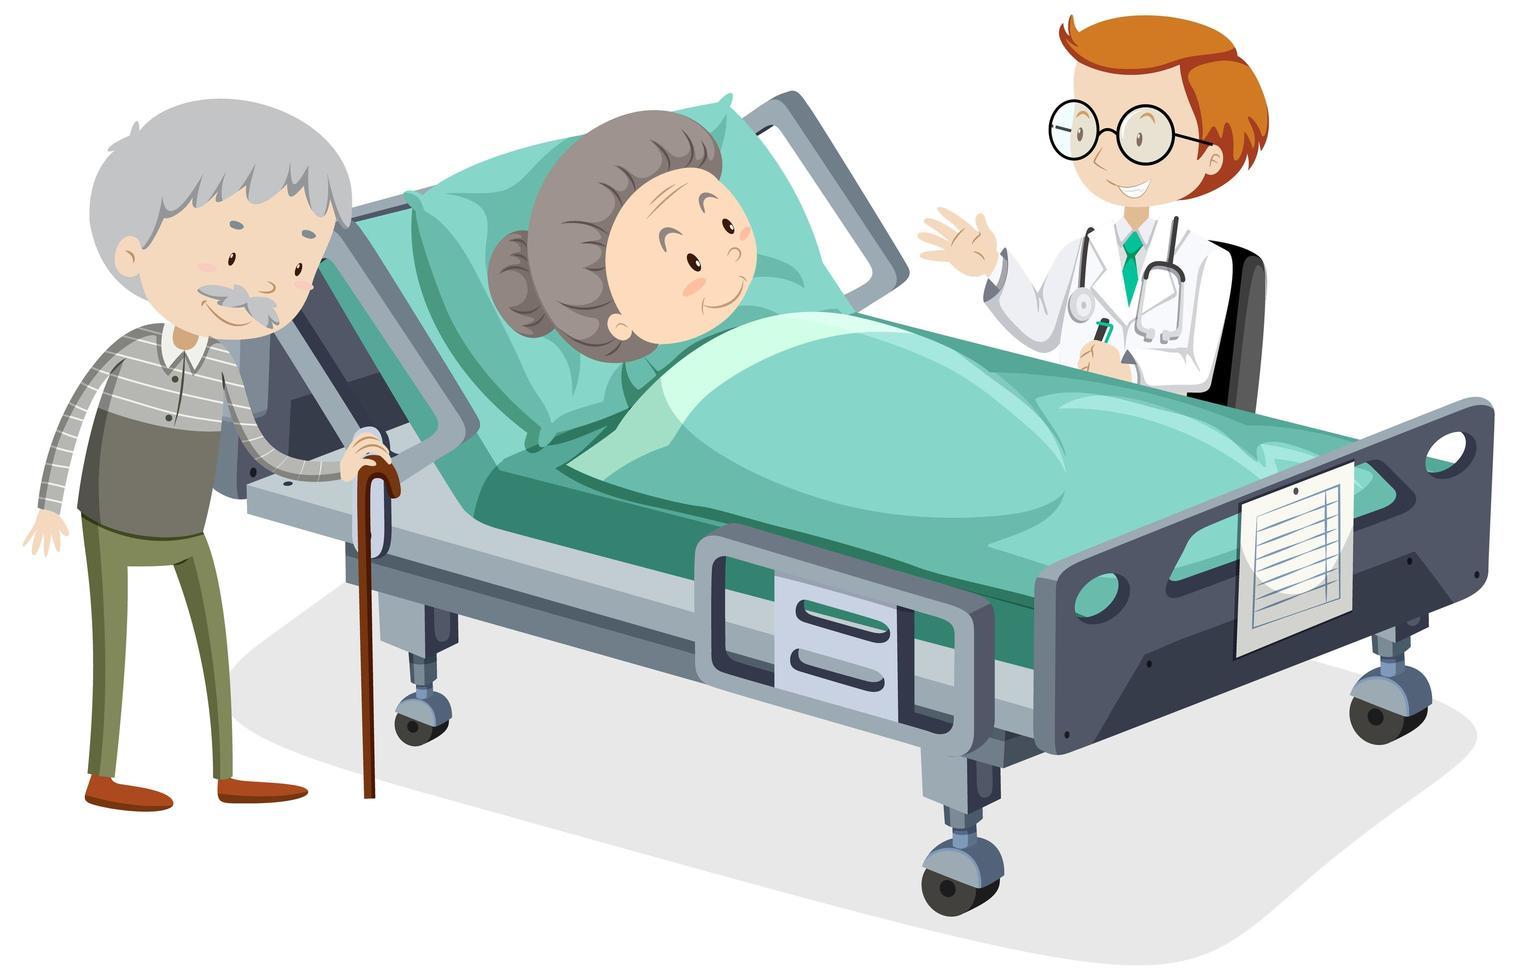 vecchia nel letto d'ospedale vettore